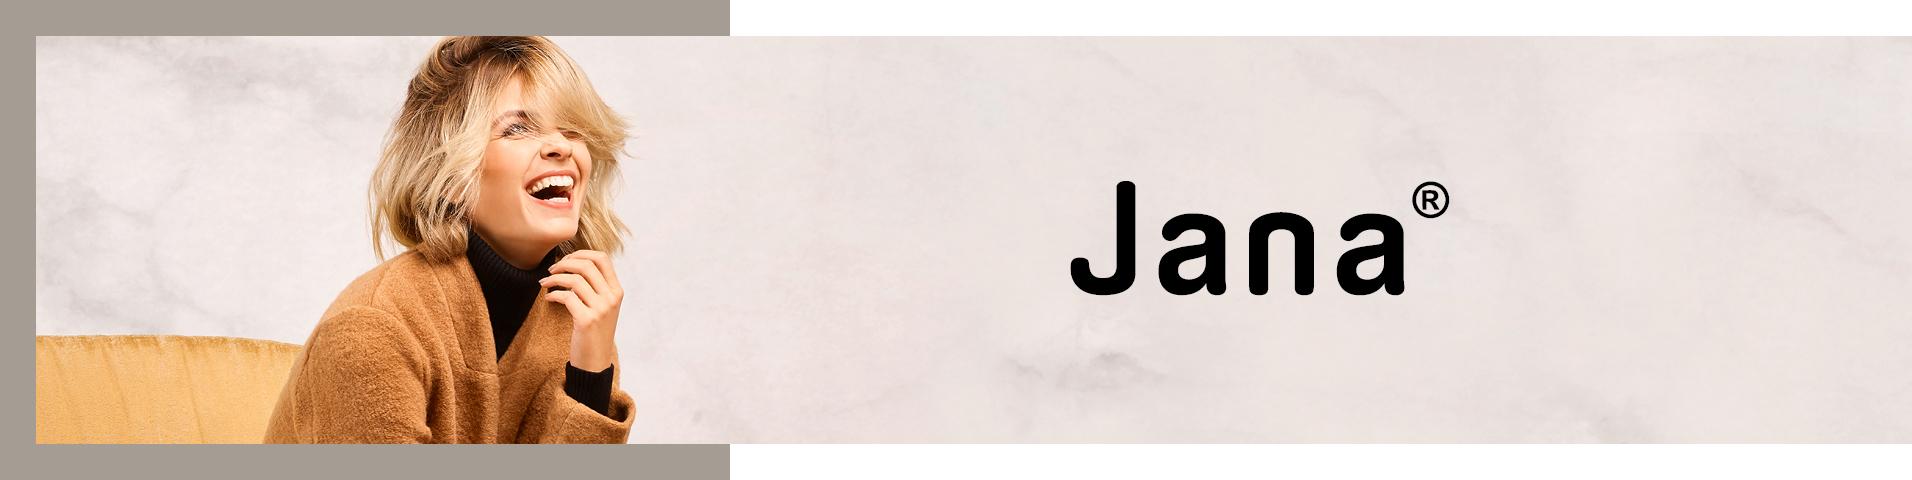 buy popular f12a0 46e6b Jana Schnürschuhe | Weiblichkeit mit androgynen Schuhen ...